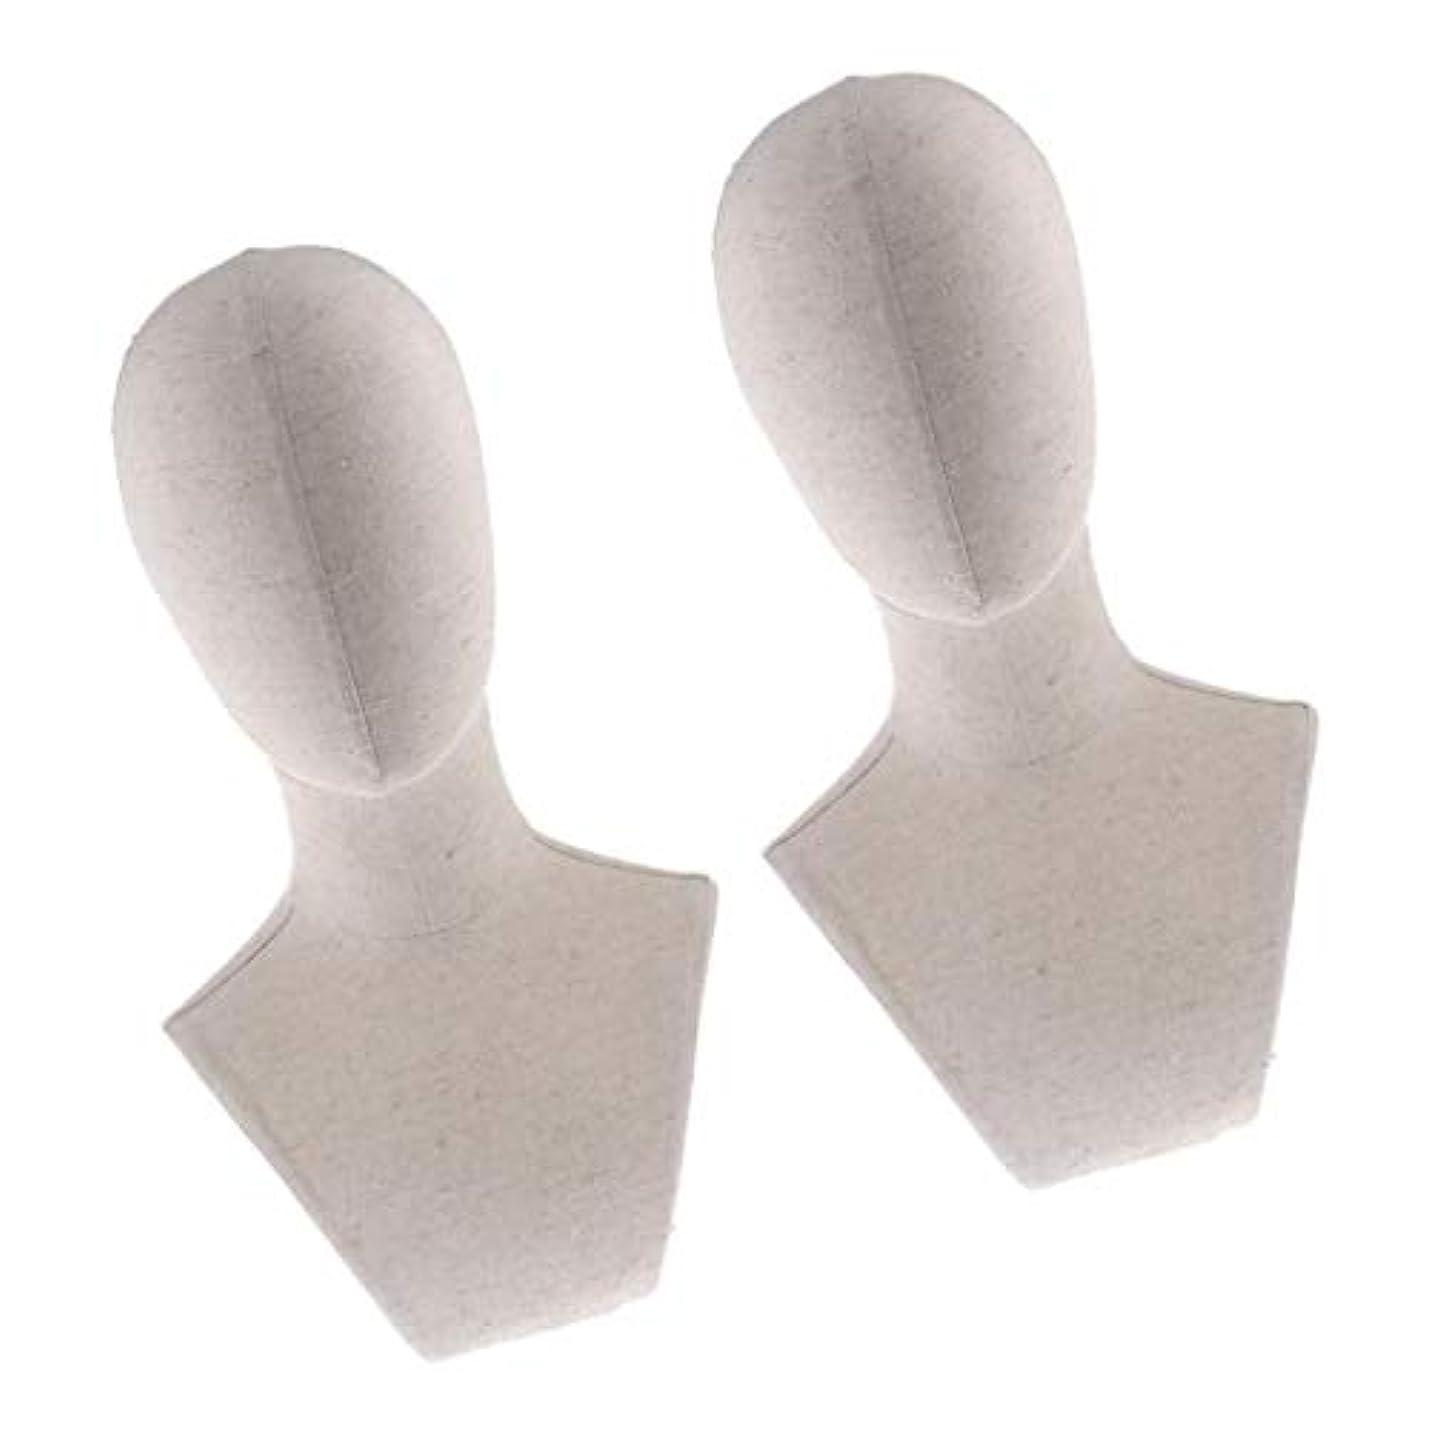 第四スパイラル協力DYNWAVE プラスチック マネキン ヘッド トルソー 頭 カット練習 頭部 女性 ウィッグマネキン ウィッグスタンド2個